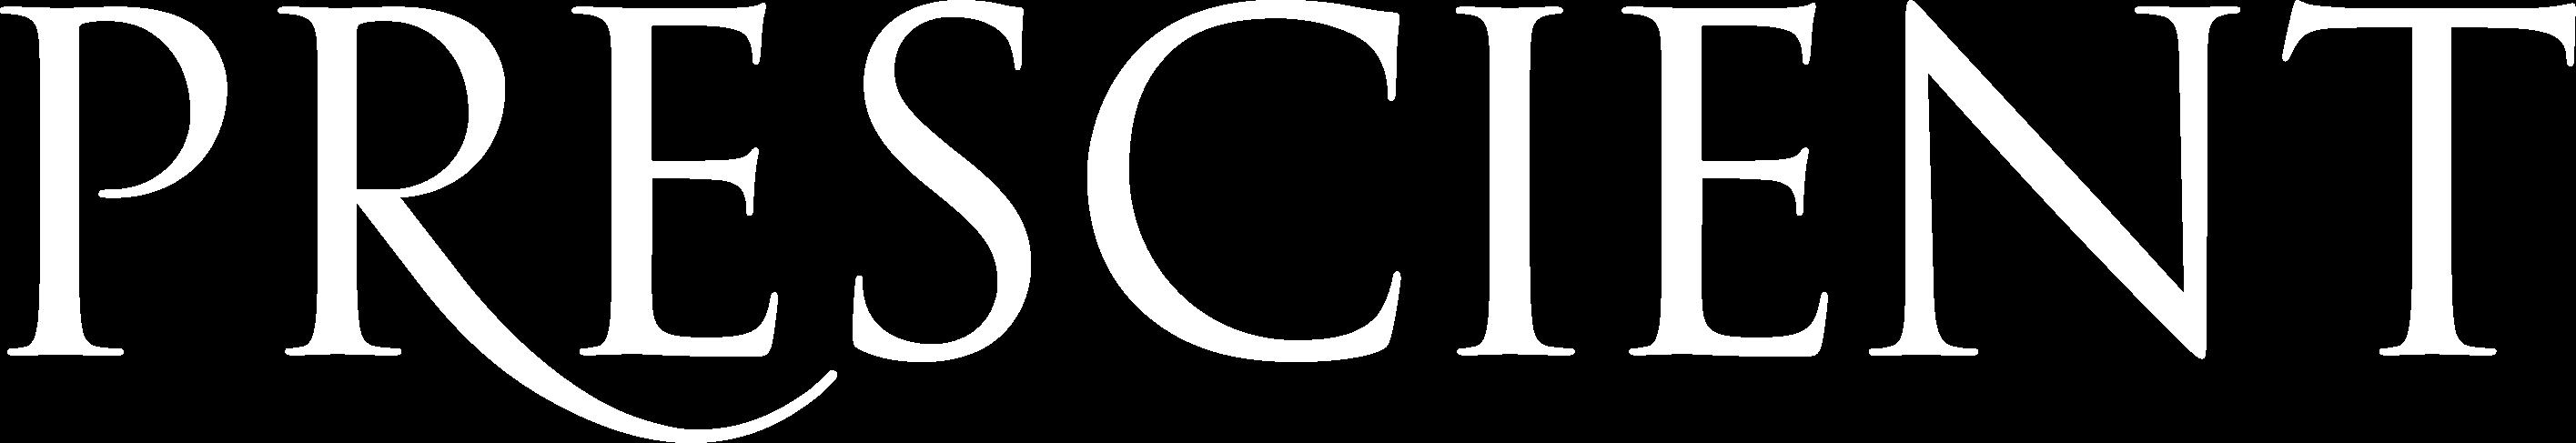 8 logo prescient